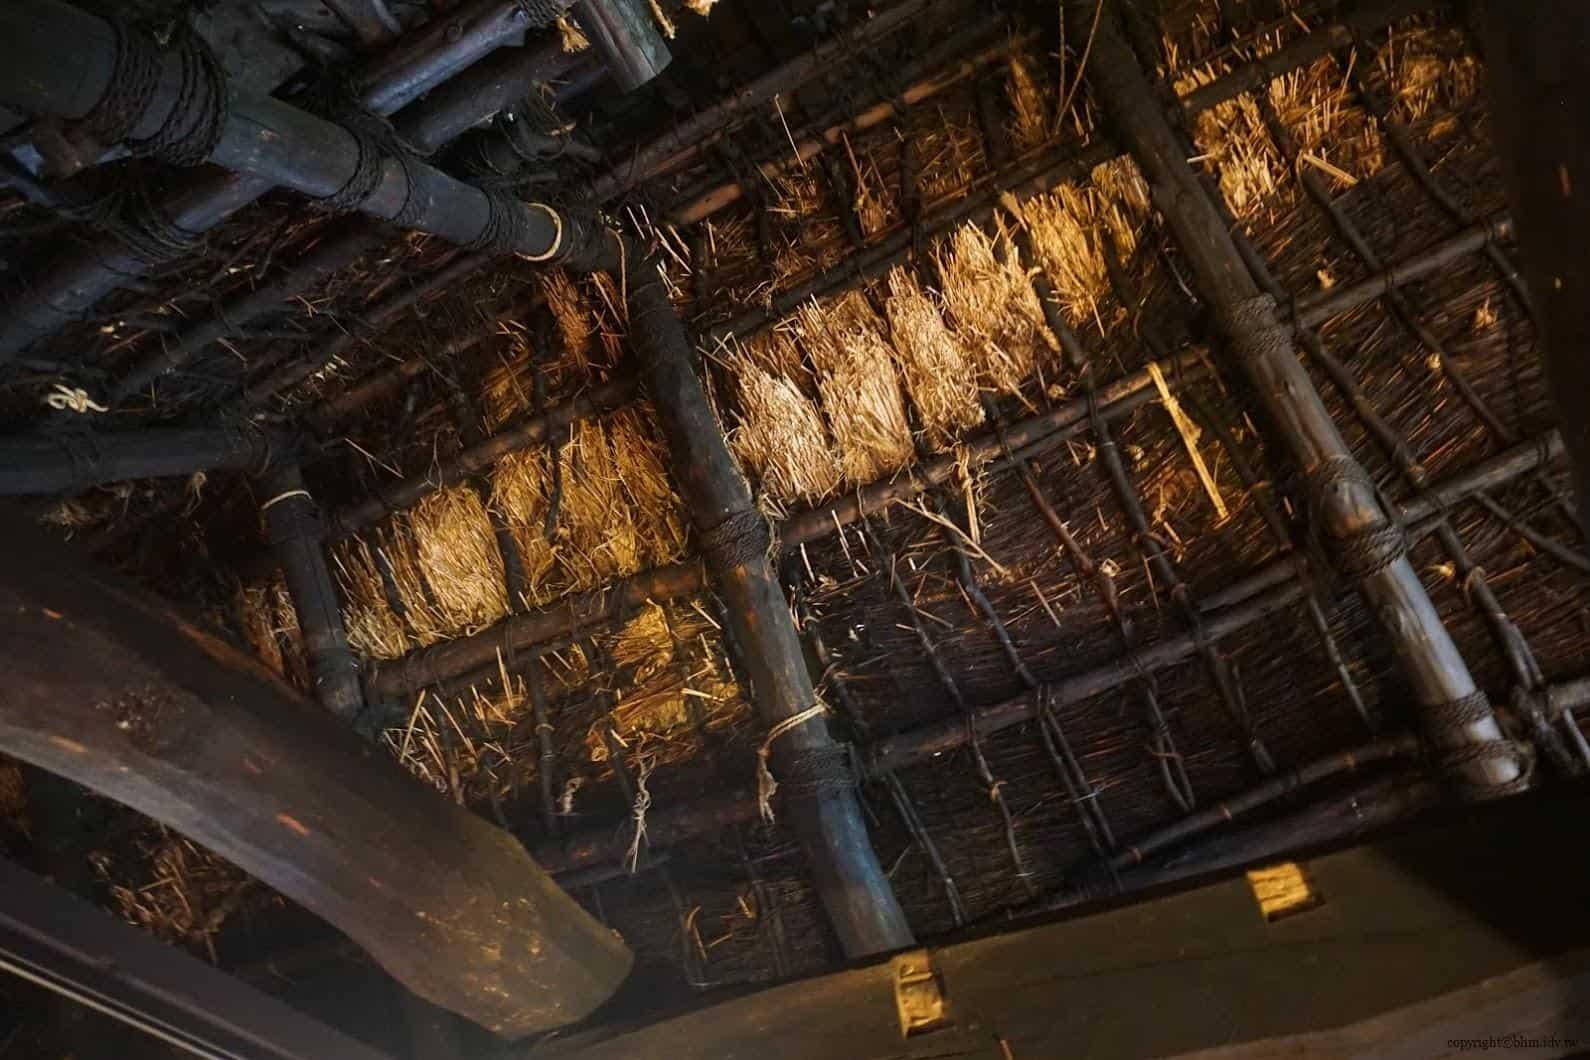 入澤美時/安藤邦廣,產土神之家,二樓用茅草搭建的屋頂,可看出歷史悠久梁柱被燻黑的痕跡 產土神之家 產土神之家 ubusuna house 18